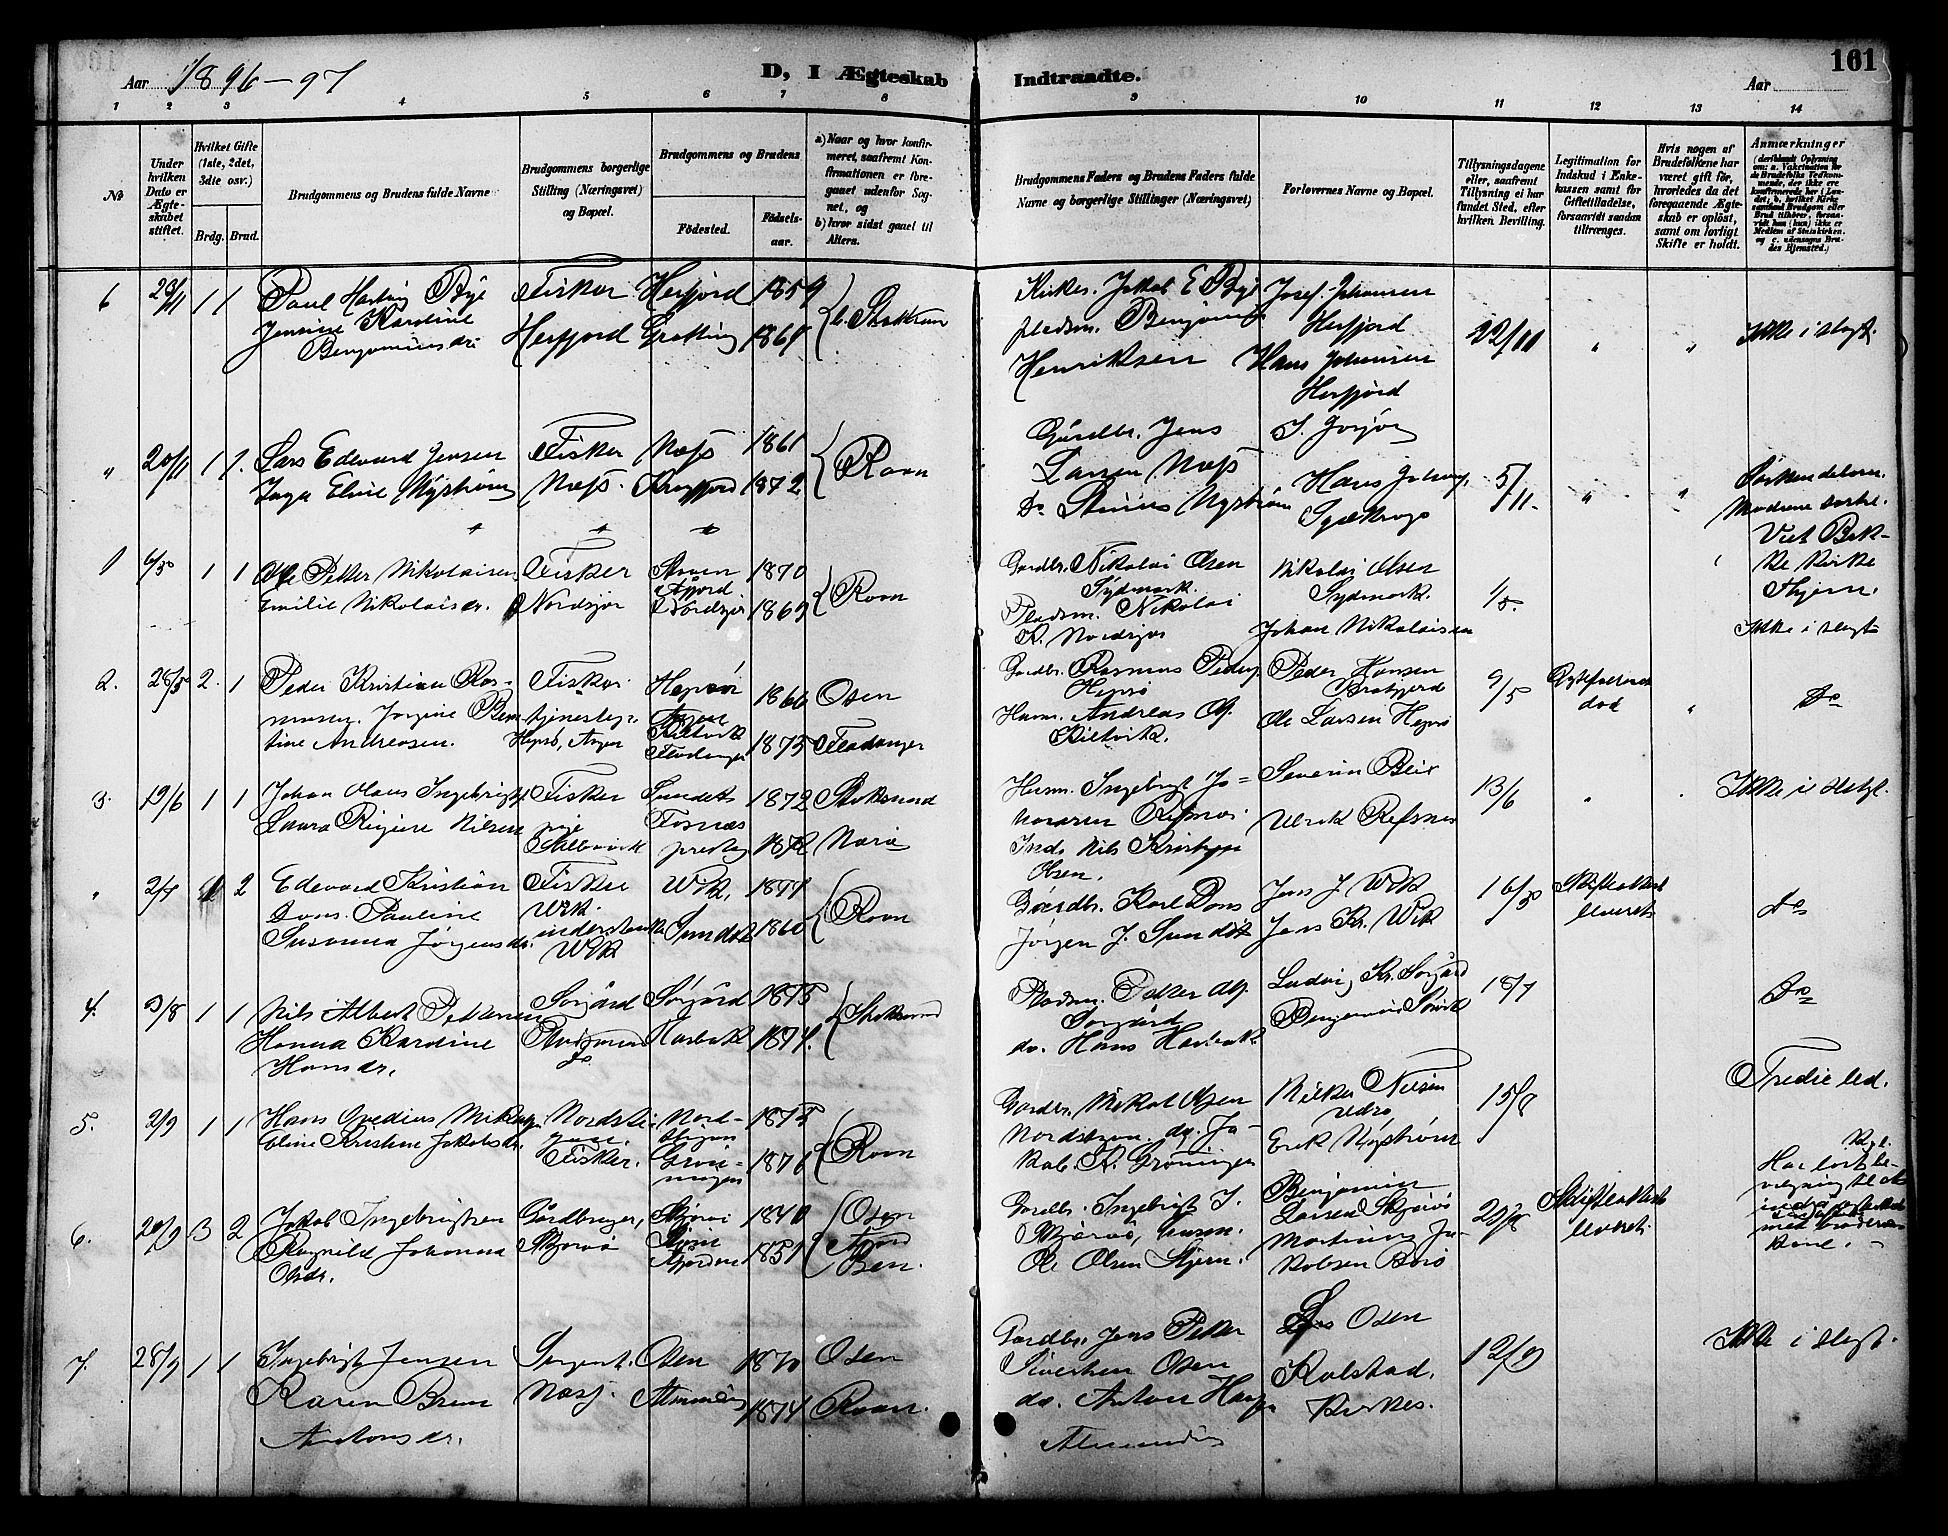 SAT, Ministerialprotokoller, klokkerbøker og fødselsregistre - Sør-Trøndelag, 657/L0716: Klokkerbok nr. 657C03, 1889-1904, s. 161